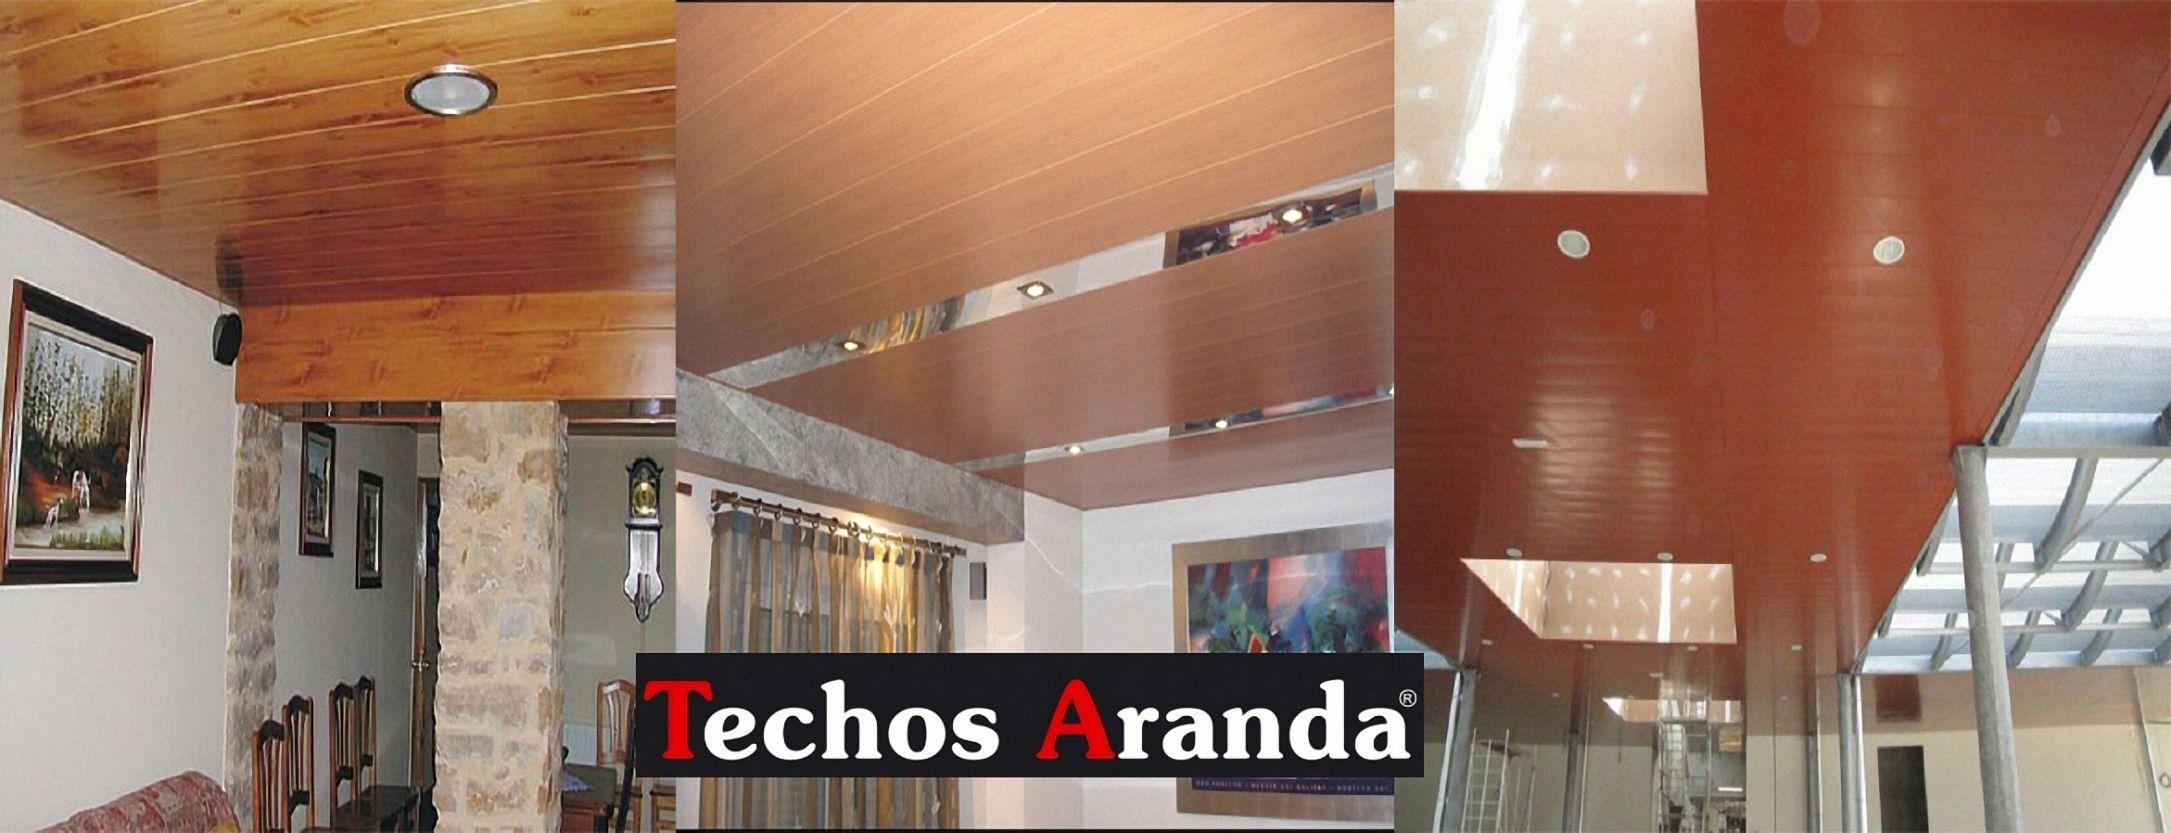 Techos de aluminio en Vilafranca de Bonany